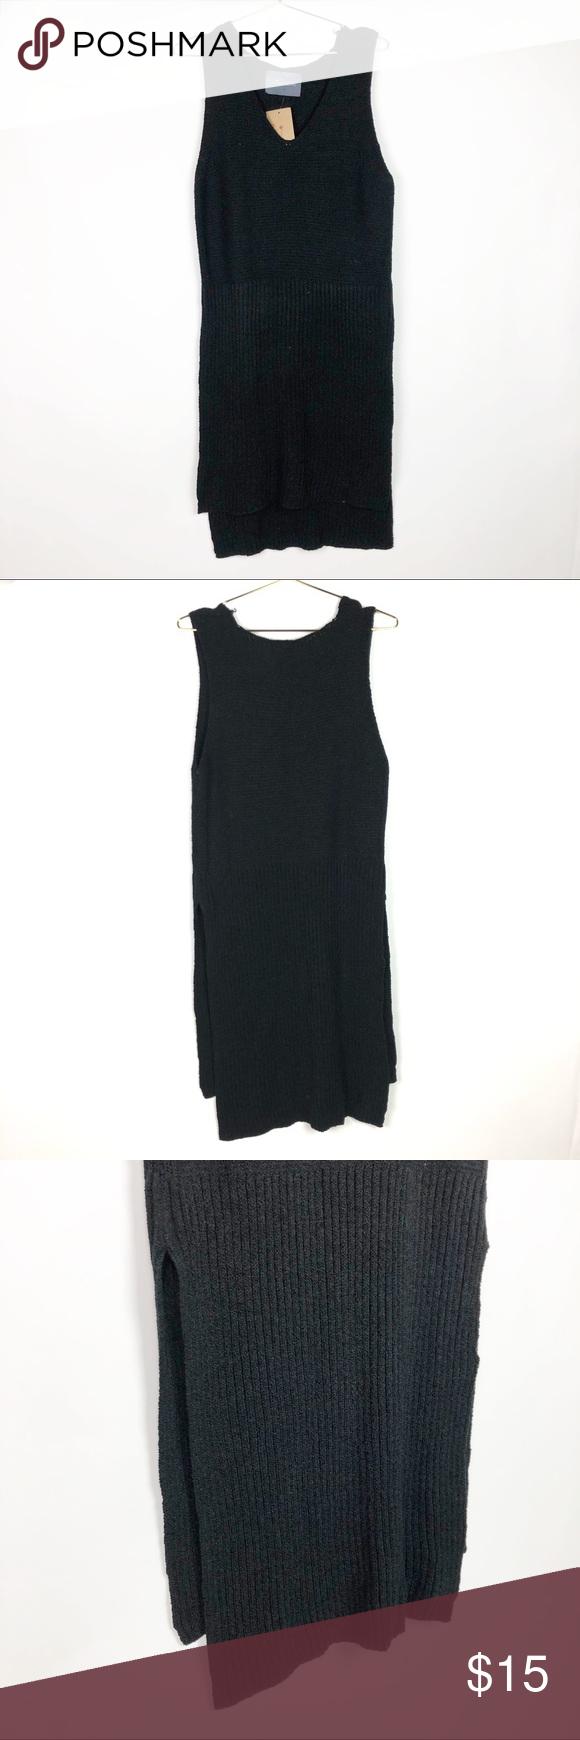 """667298cf0 Paper Crane Knit Dress  Top Black Knit dress  tank top big slit on each side  hi- lo ▫ Front Length  36"""" ▫ Back Length  41"""" ▫️Width  21"""" Paper Crane ..."""